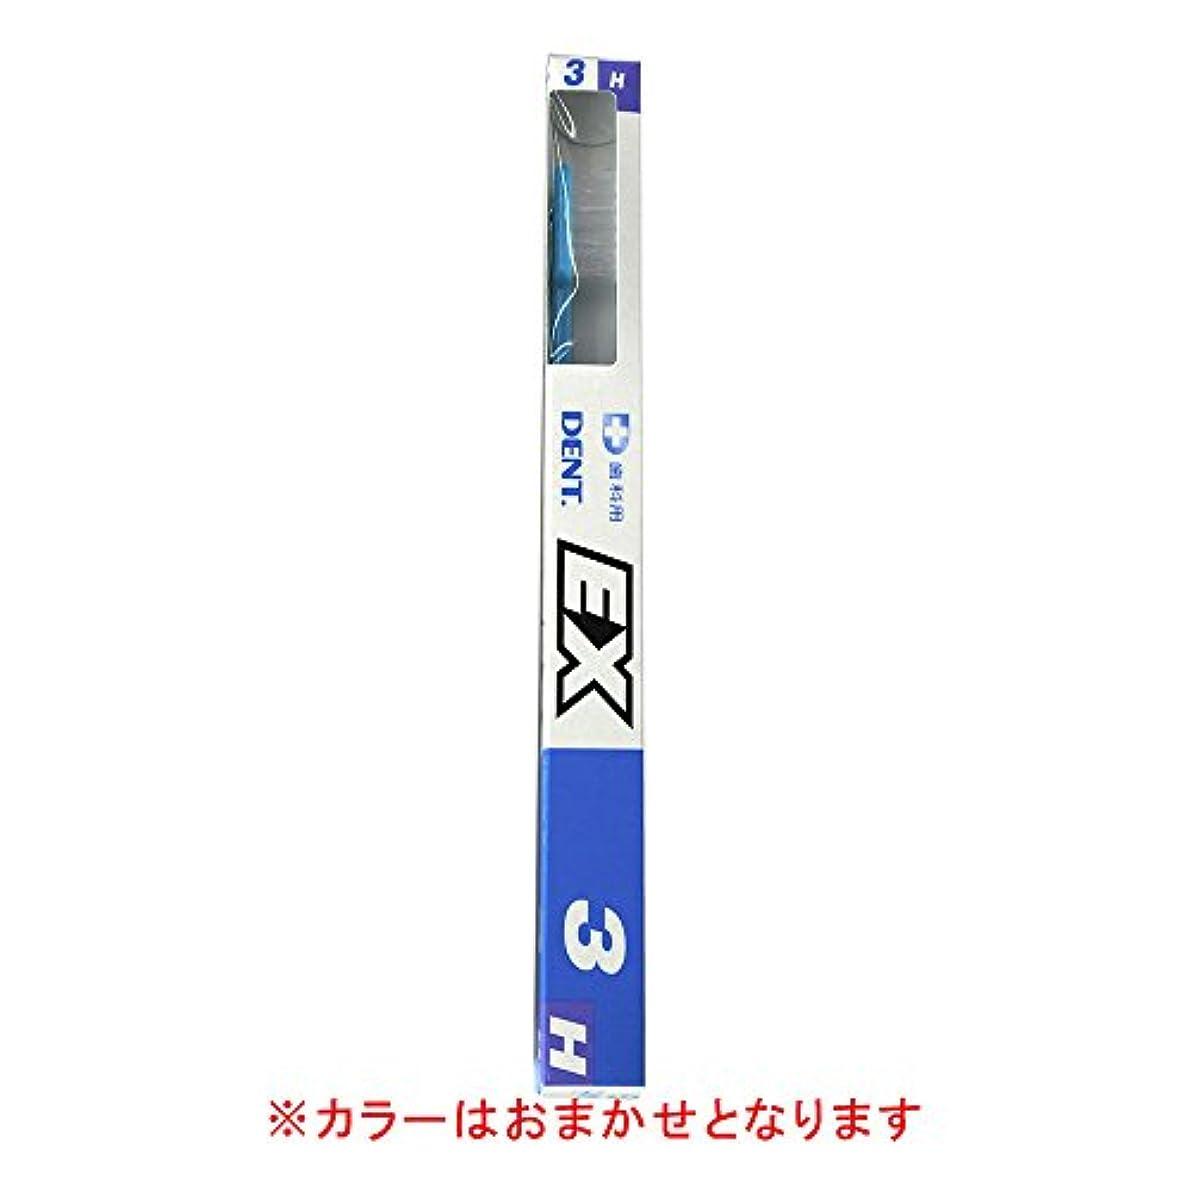 サンプルからかうアレイライオン 歯ブラシ DENT.EX 3H ハード 1本